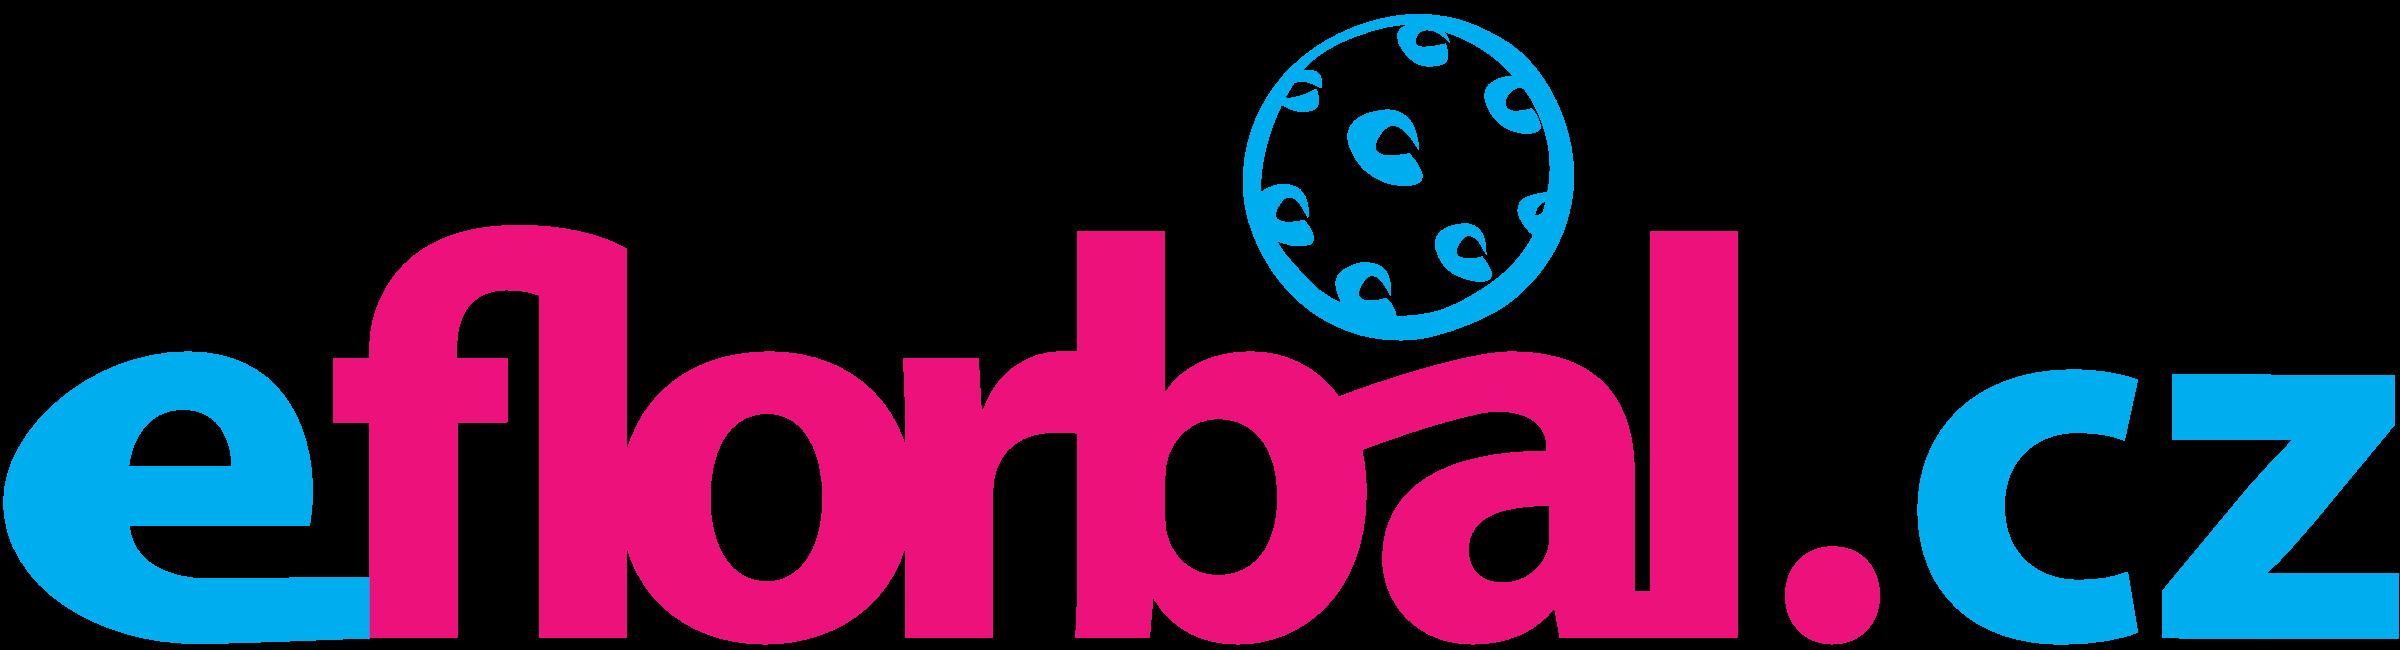 Eflorbal Florbal Shop